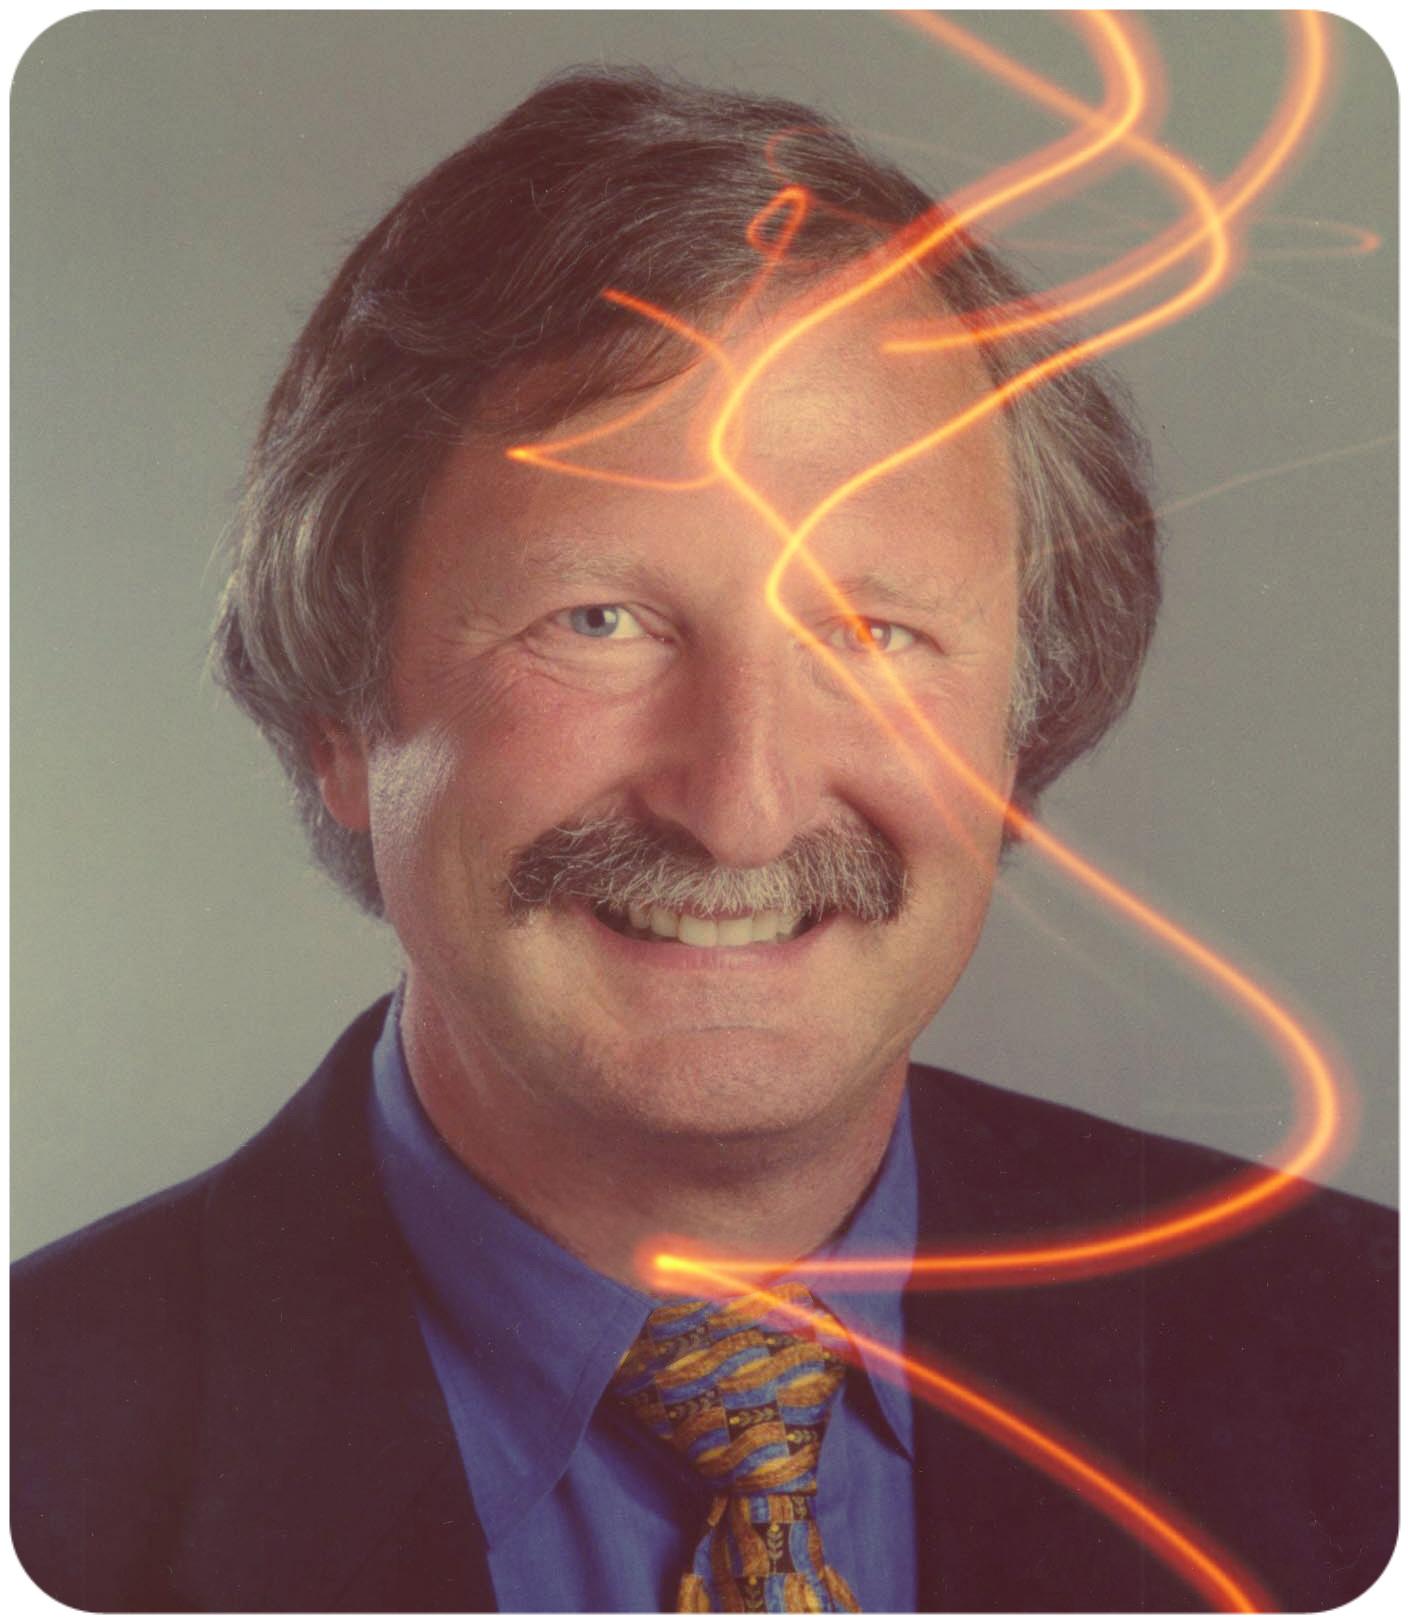 врач джейкоб тейтельбаум